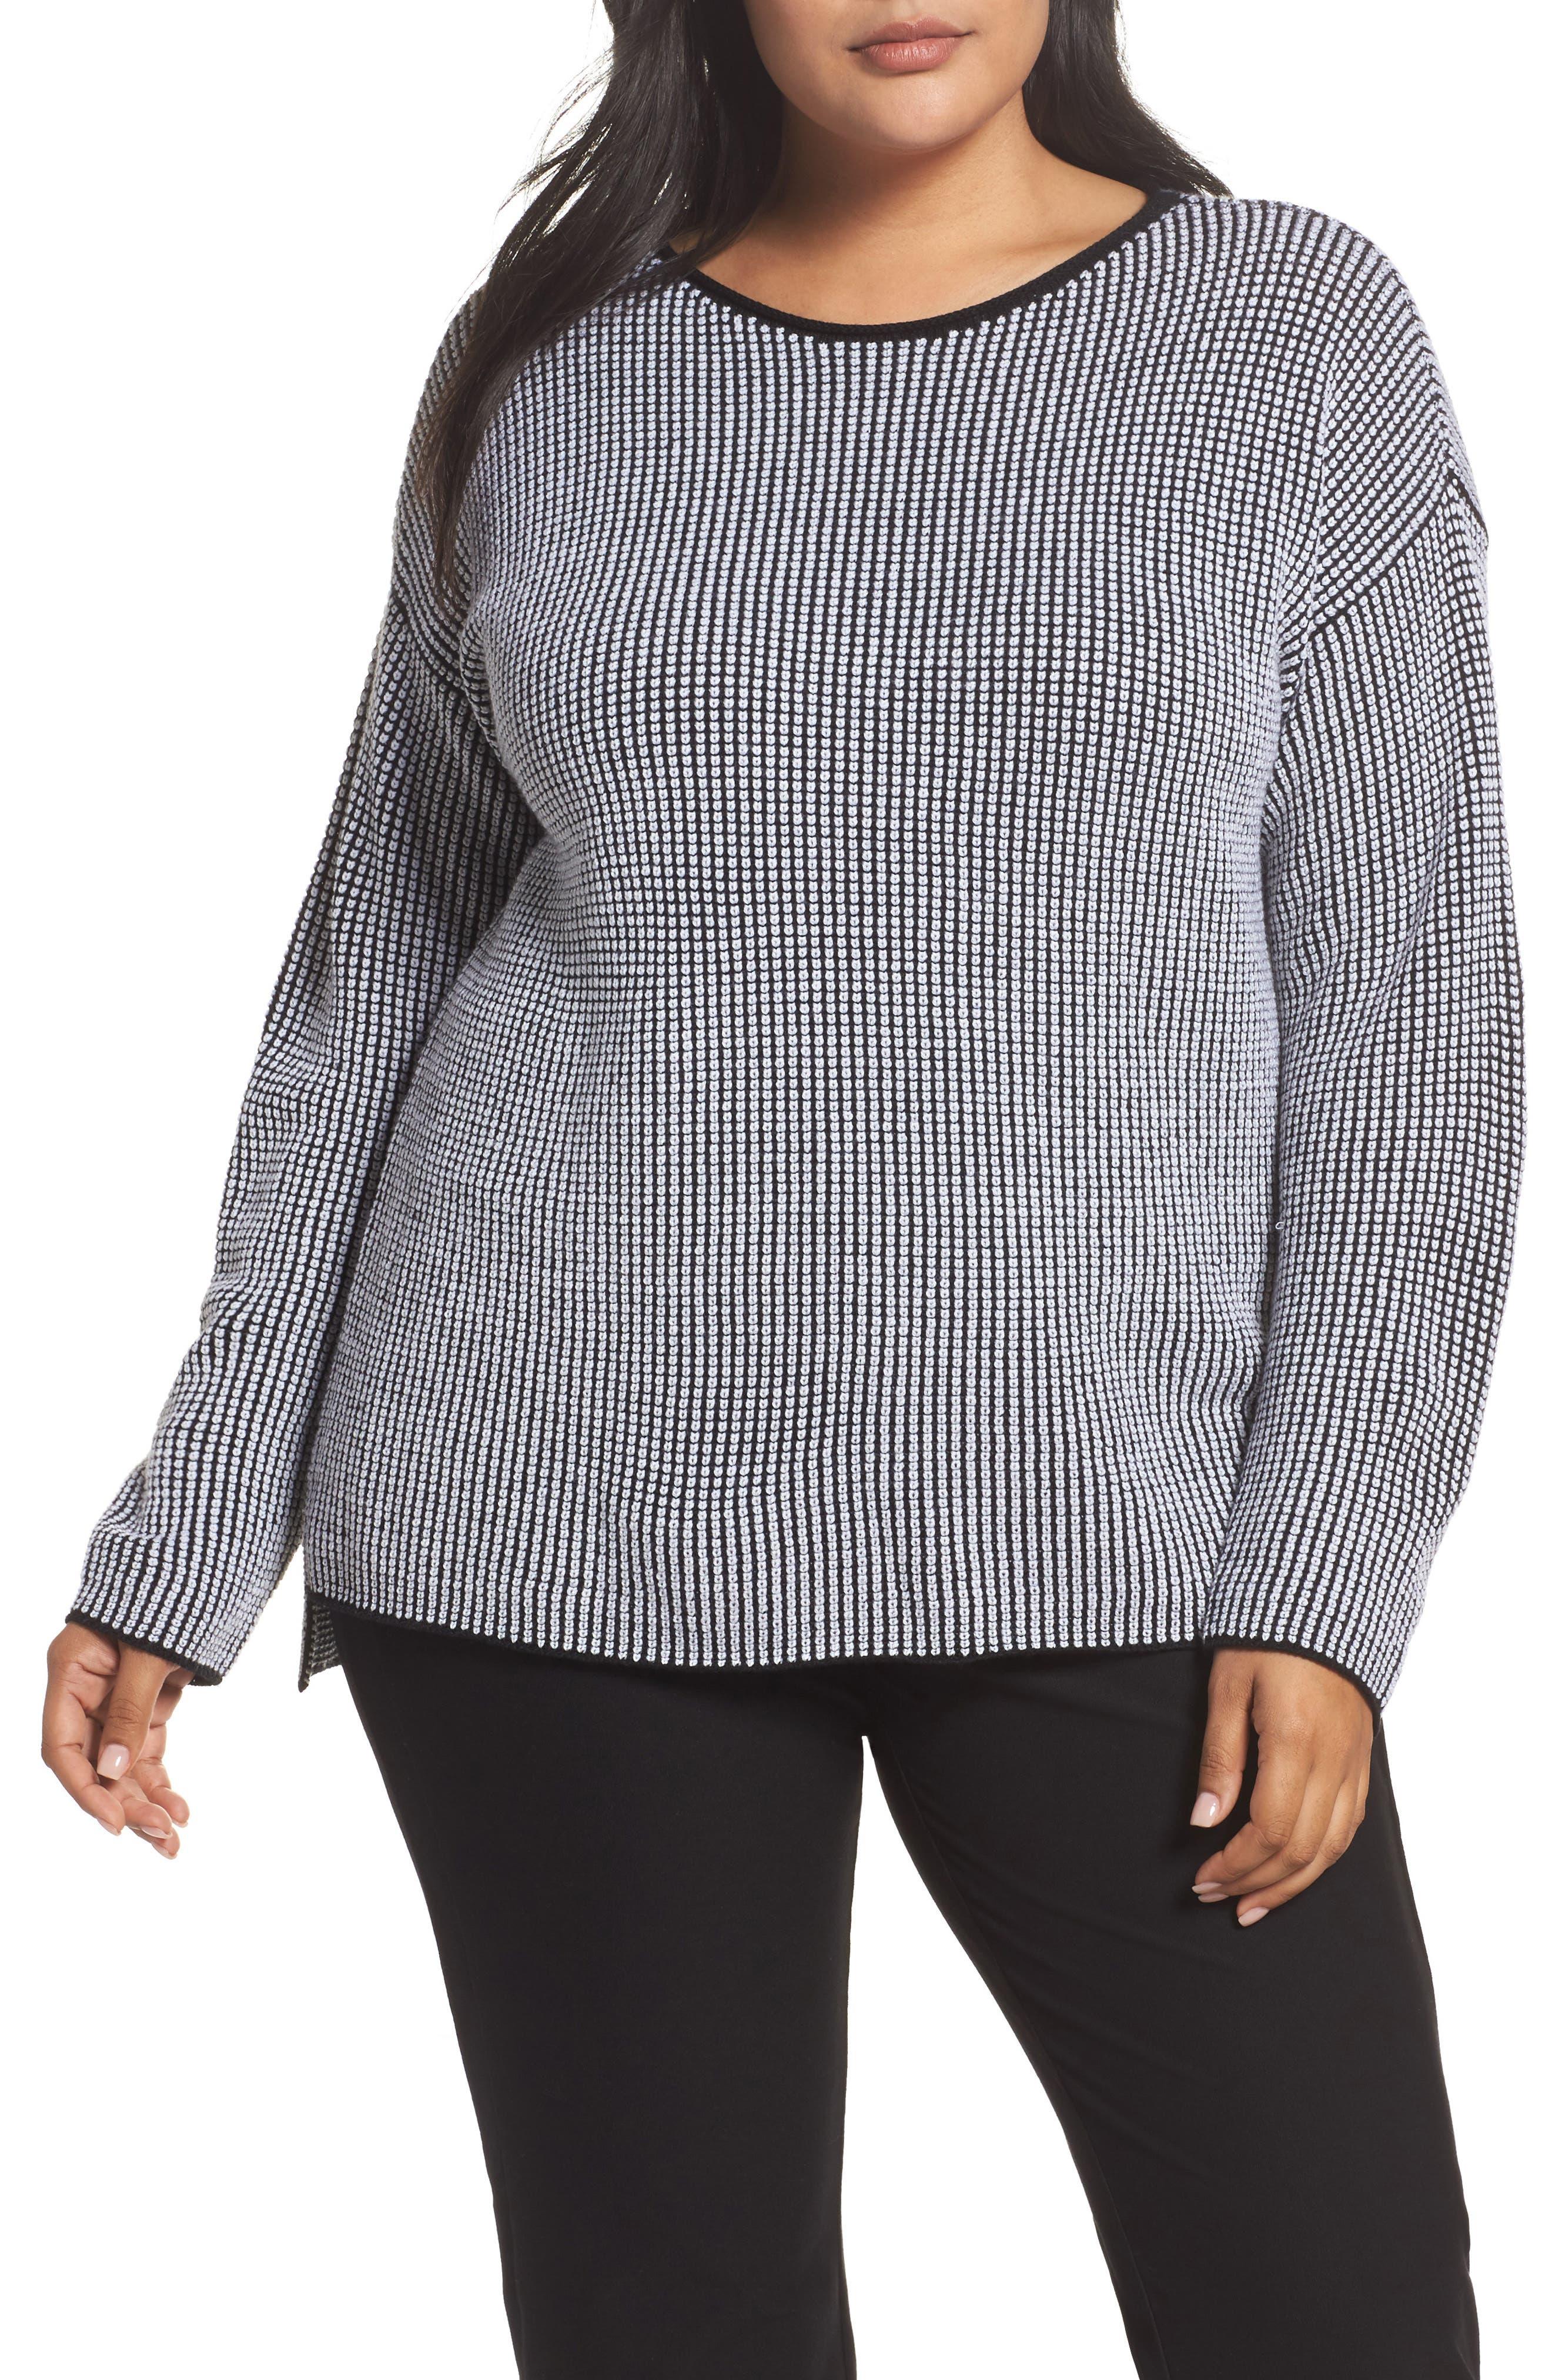 Main Image - Eileen Fisher Textured Merino Wool Sweater (Plus Size)